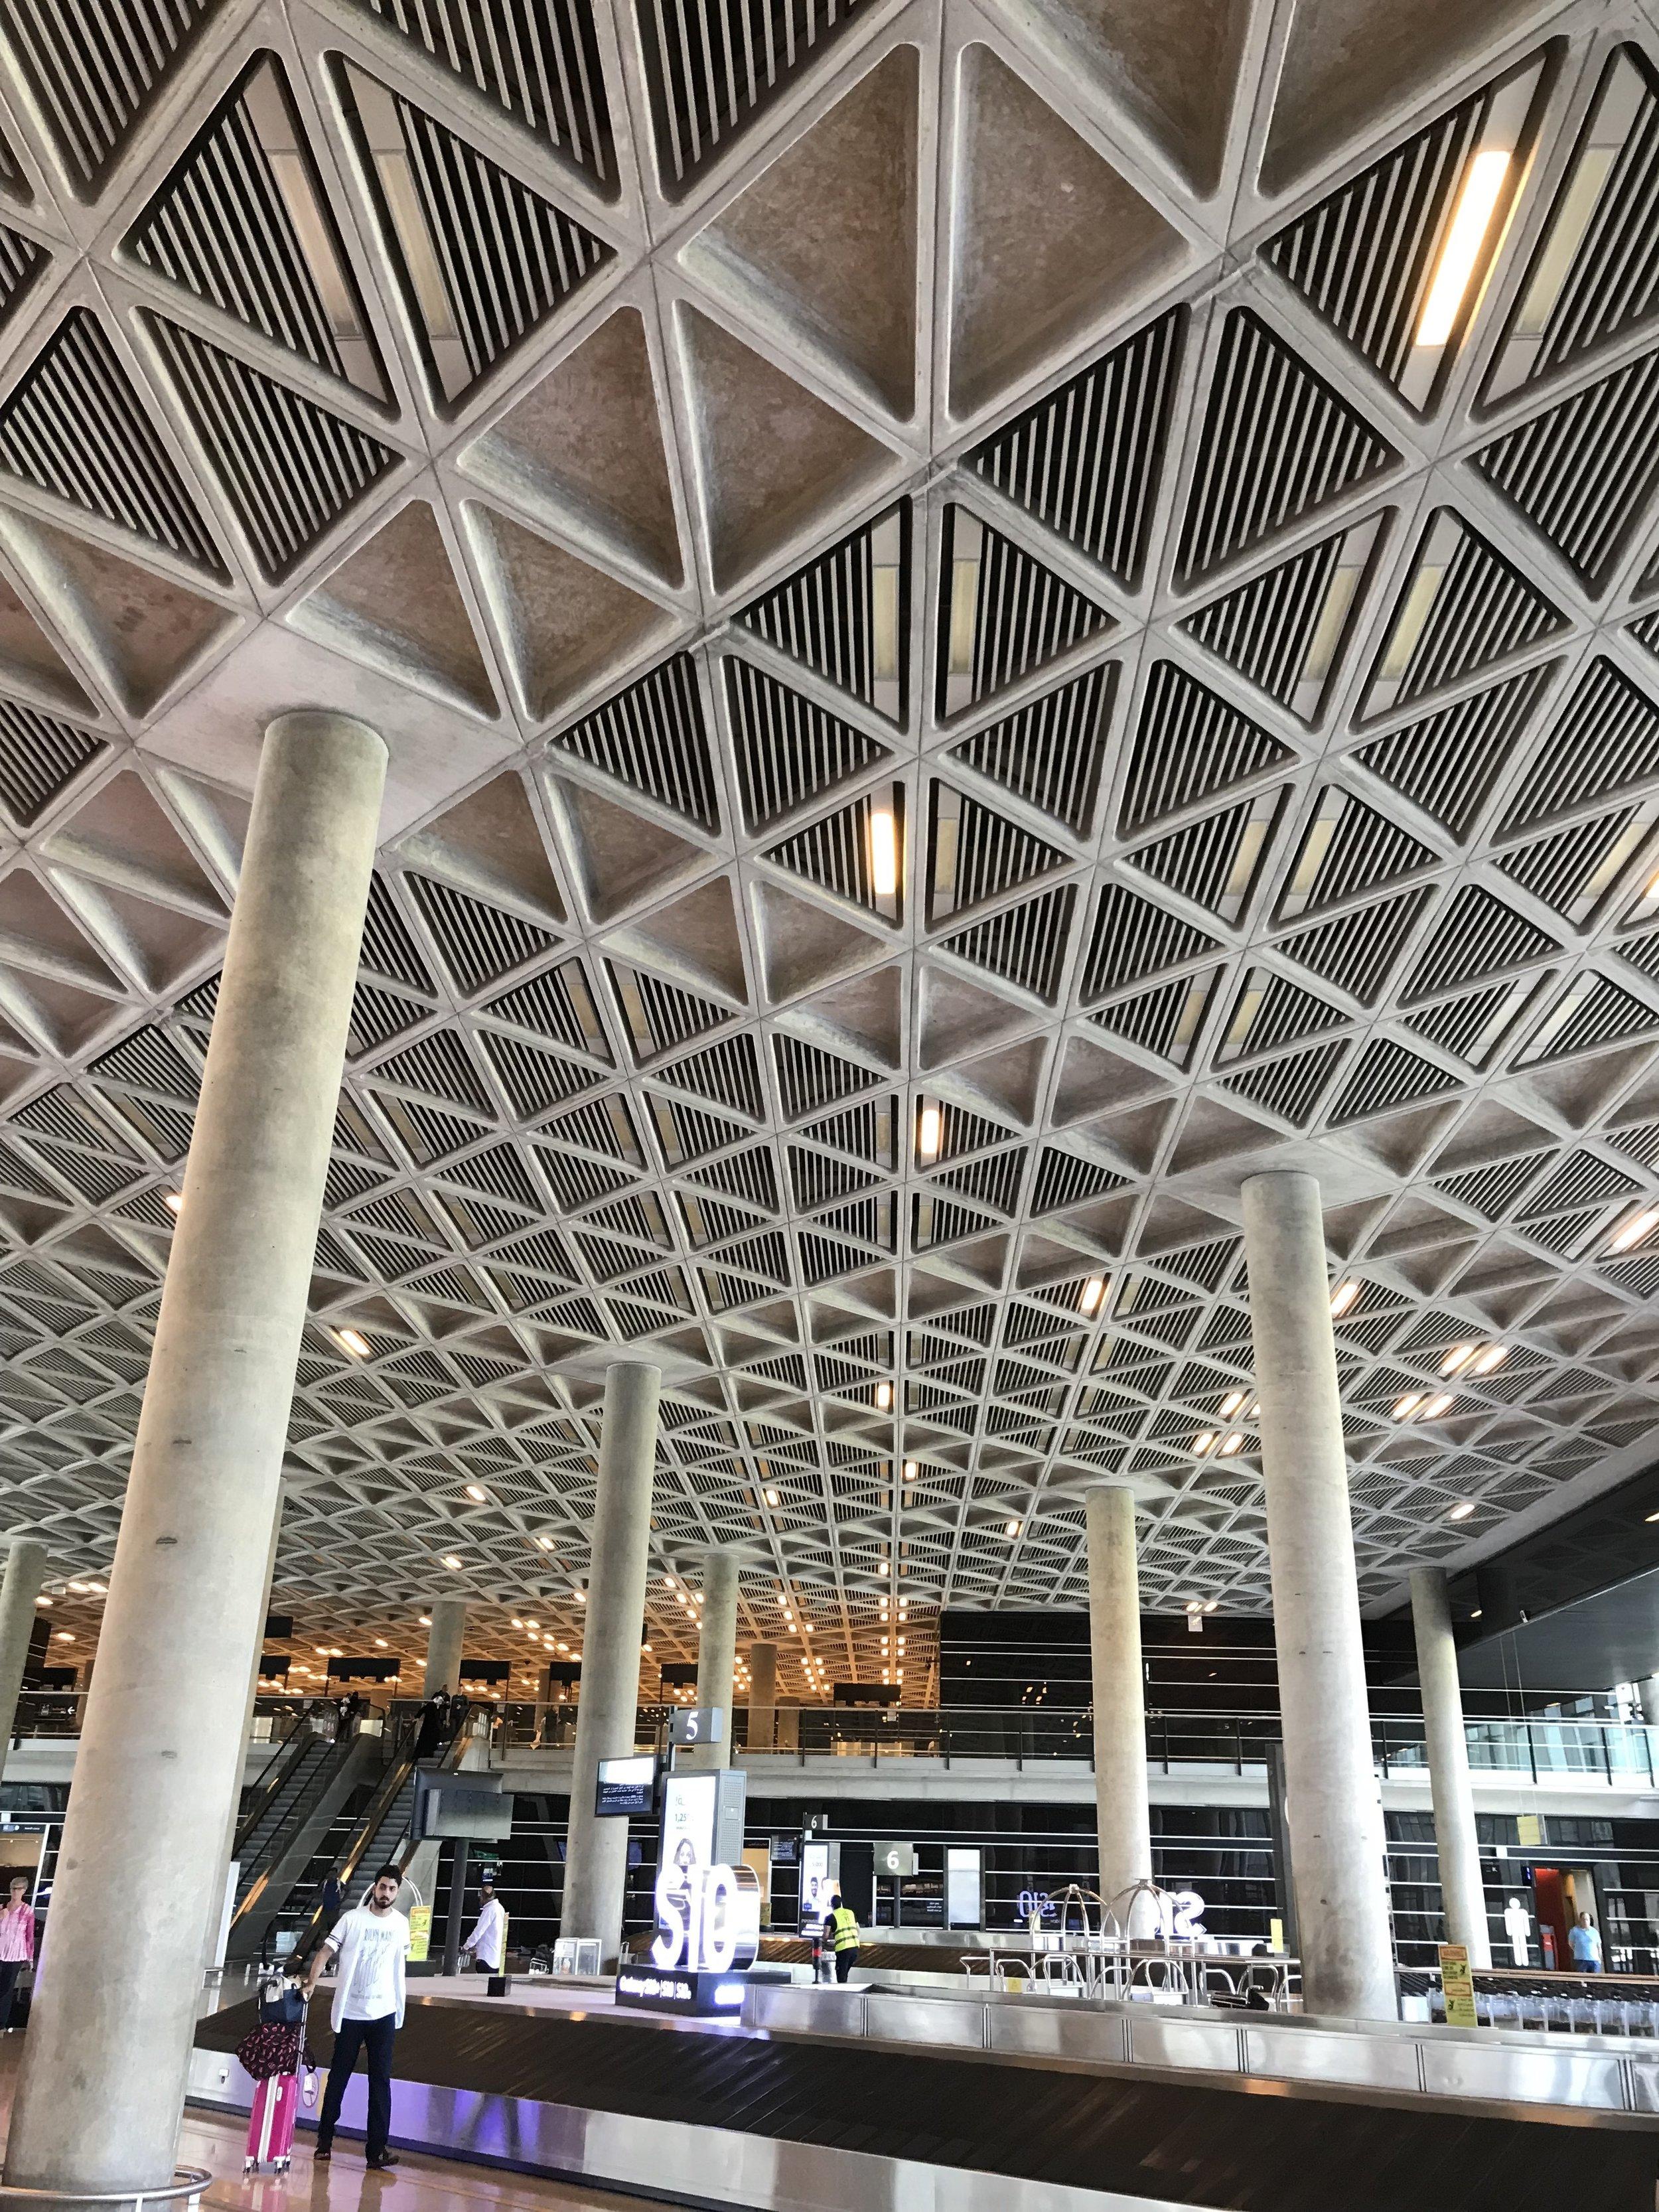 安曼Queen Alia国际机场大楼的粗狂主义建筑风格